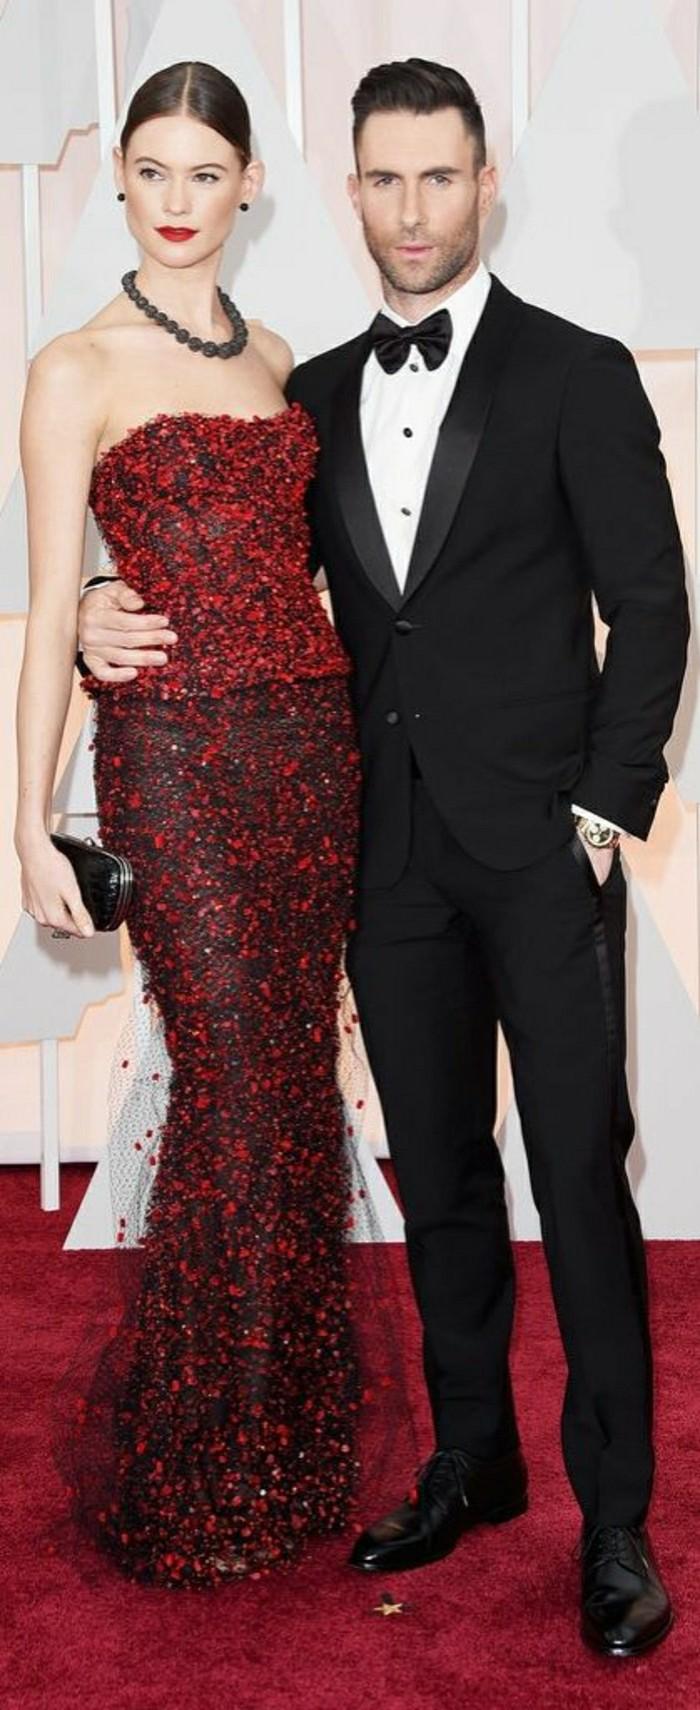 adam-levine-et-behati-prinsloo-couples-amoureux-oscars-jolie-robe-rouge-vetements-pour-oscars